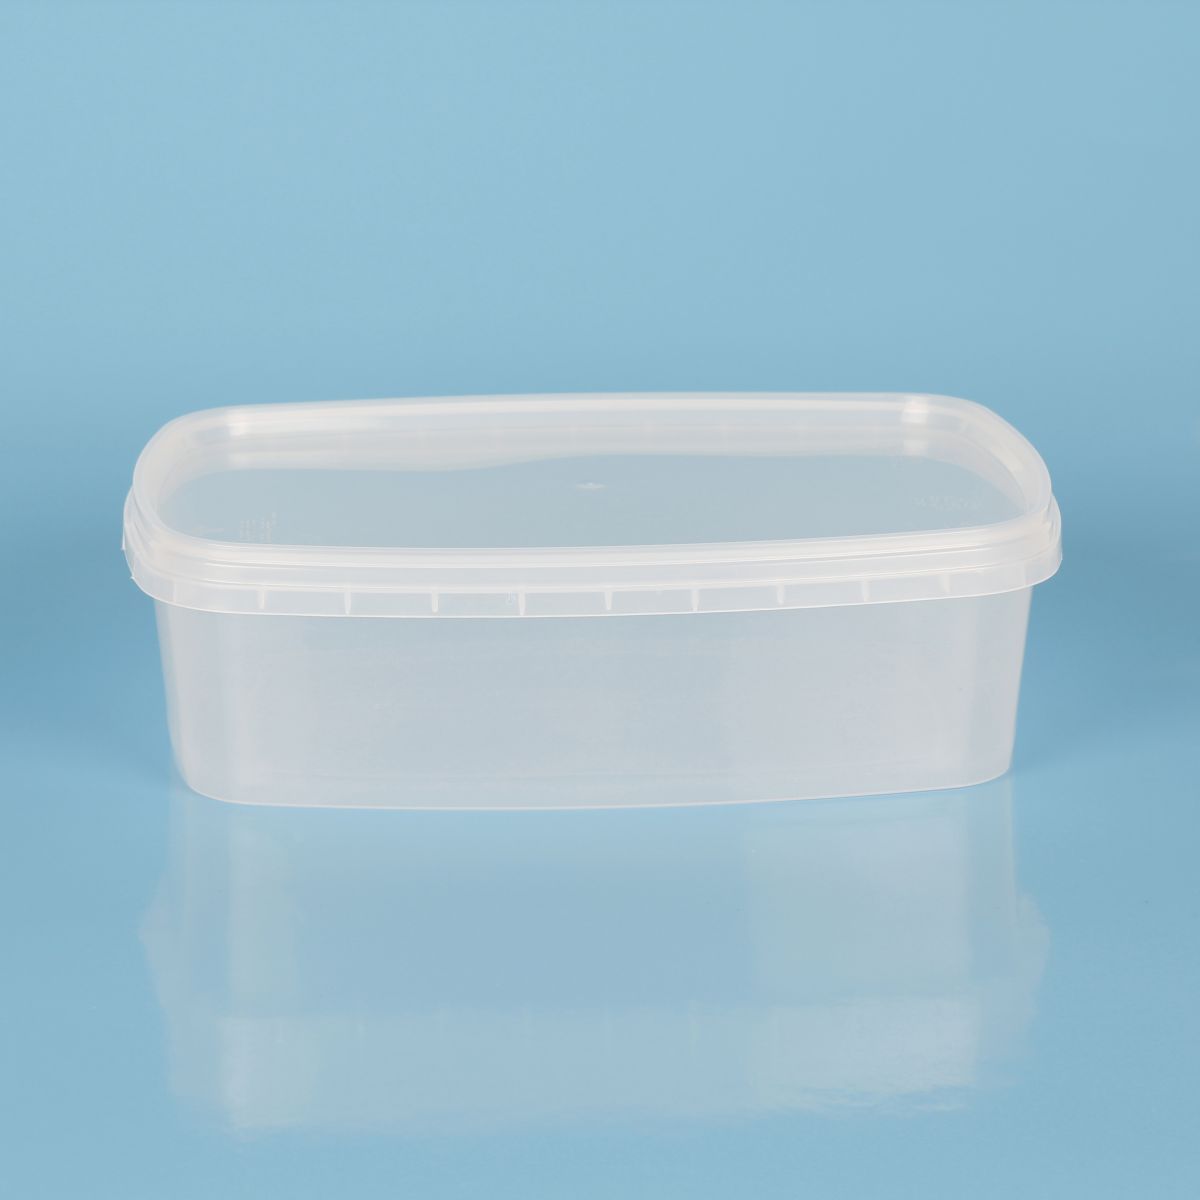 contenitore in plastica trasparente - Codice 107016